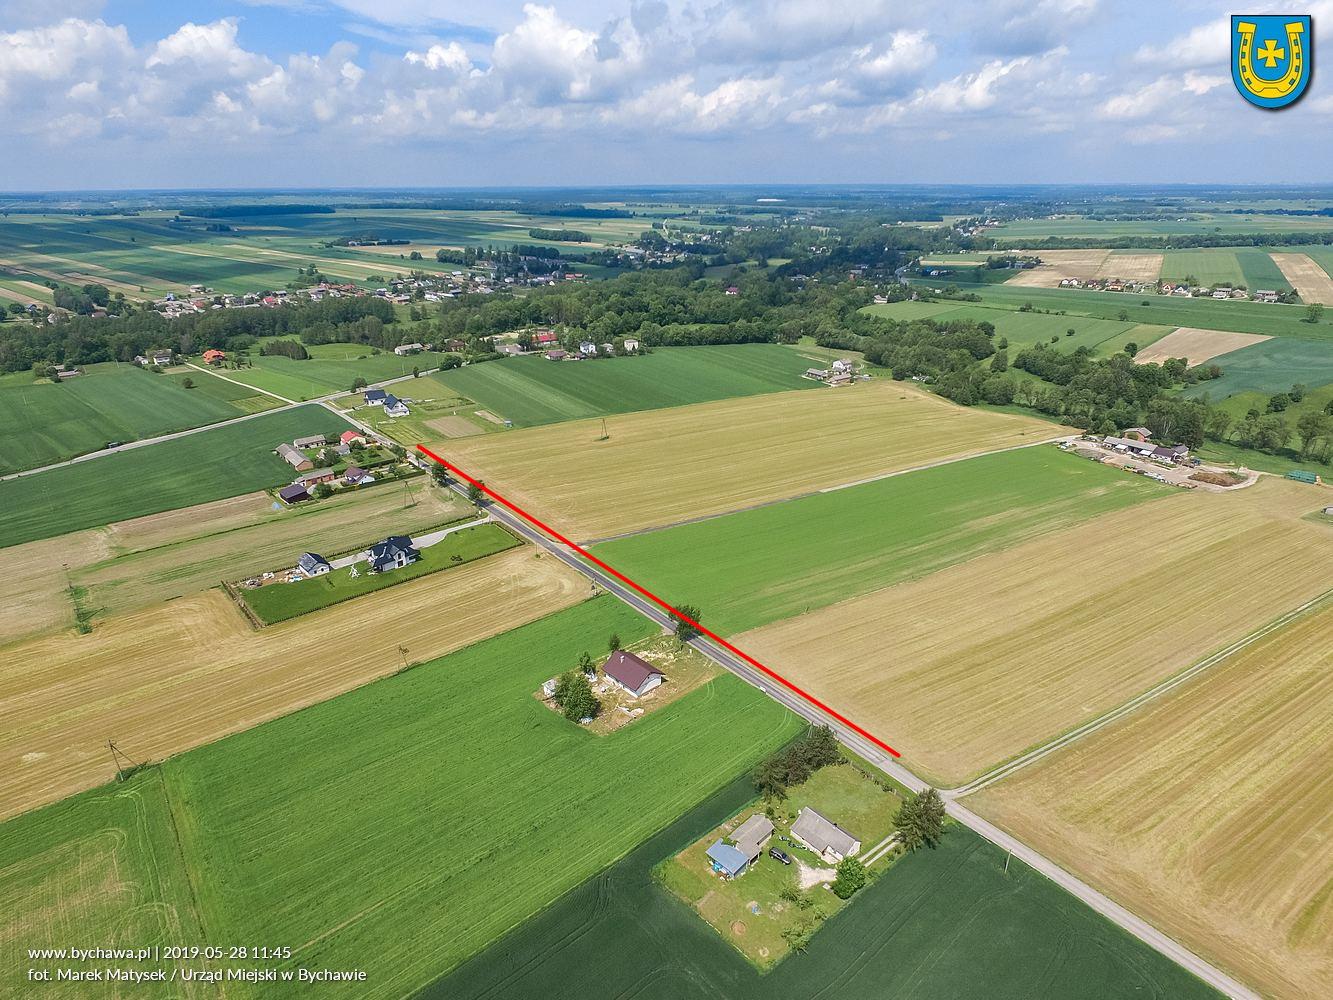 Przebudowa drogi gminnej  w miejscowości Bychawka Druga-Kolonia – zakończona